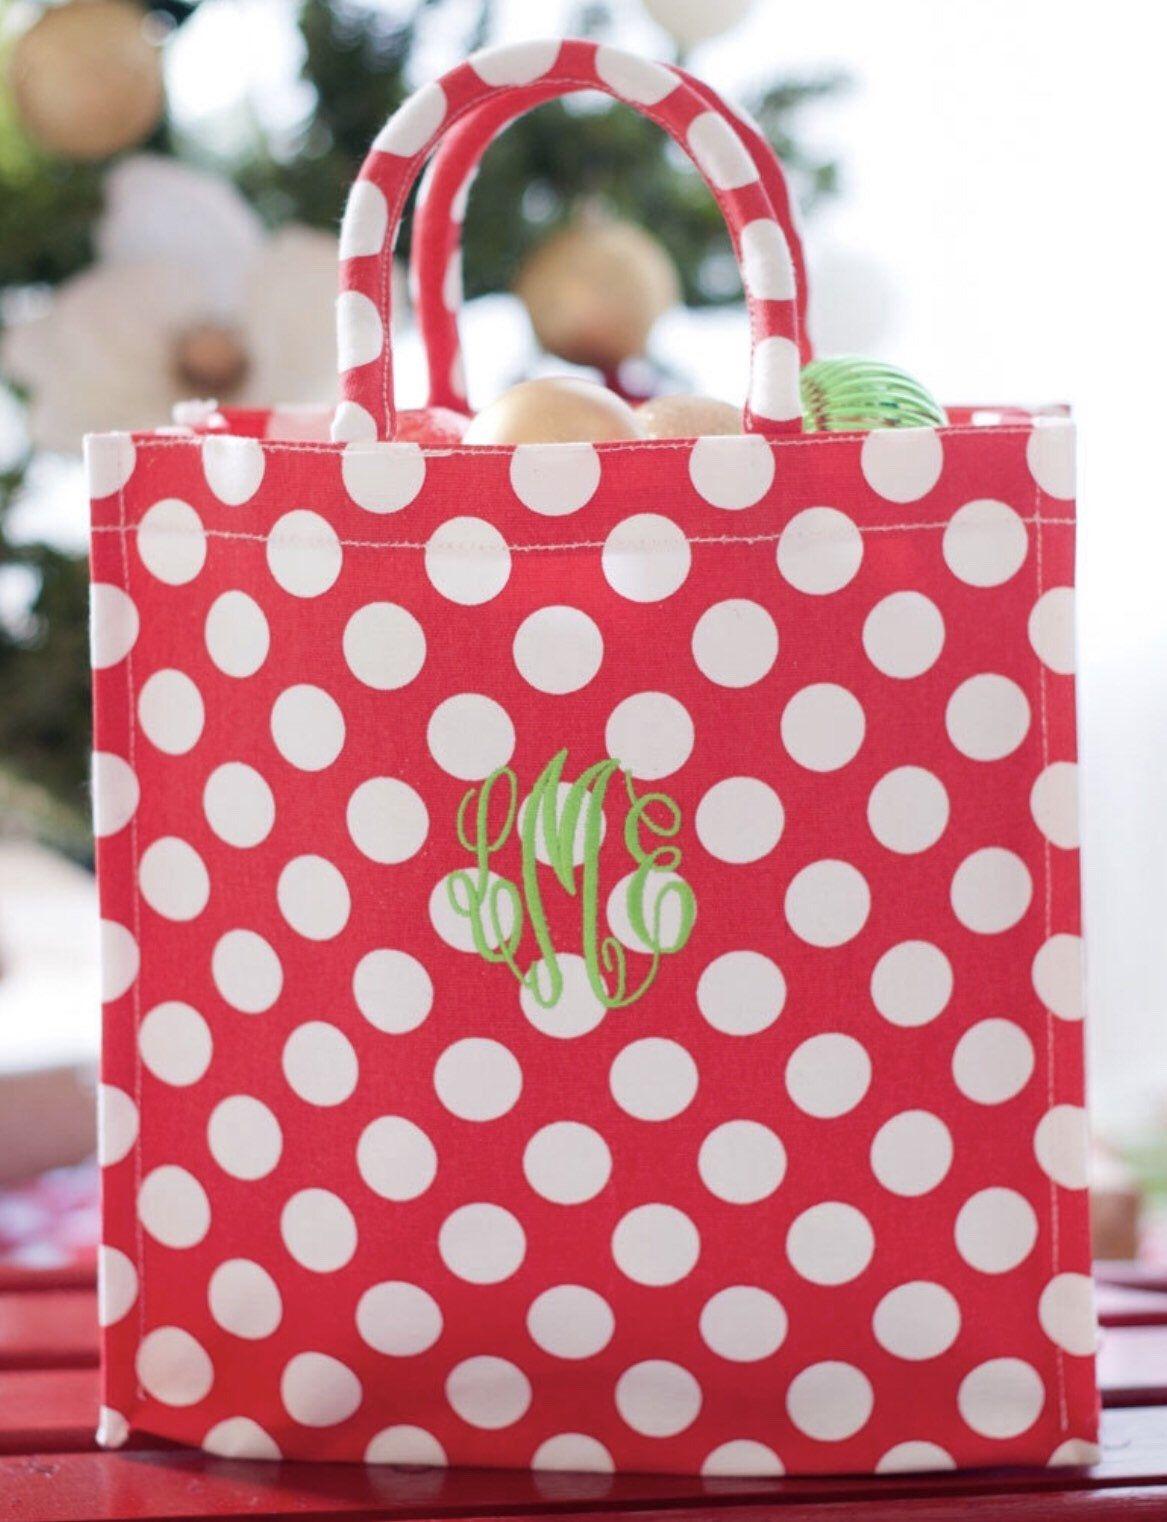 Red Polka Dot Favor Bag  Red Favor Bag  Red Treat Bag  12 bags  7 x 4.75